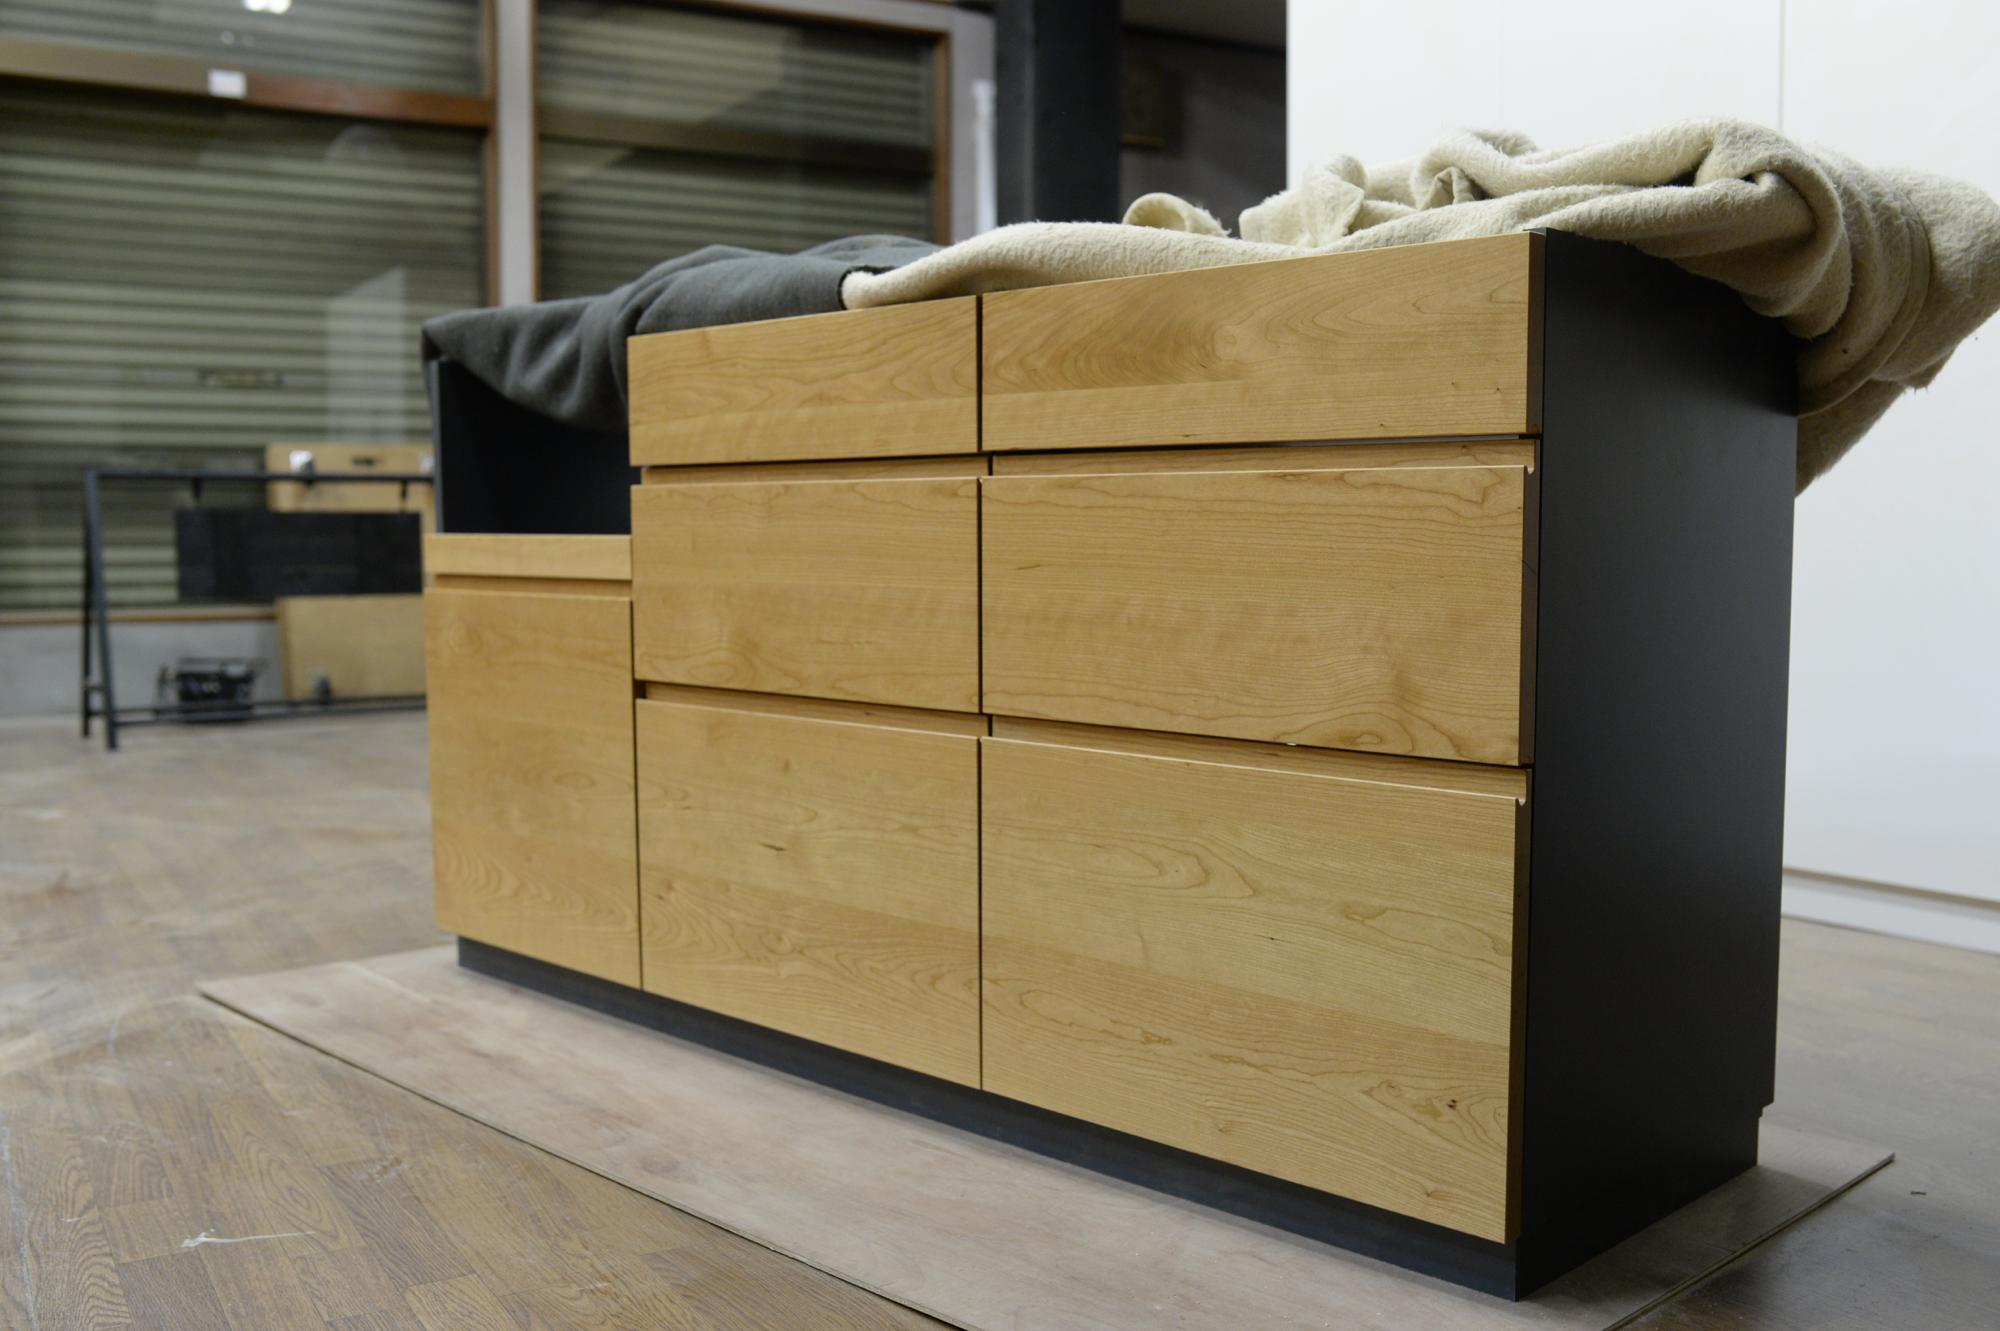 オーダー家具 製作 チェリー 食器棚